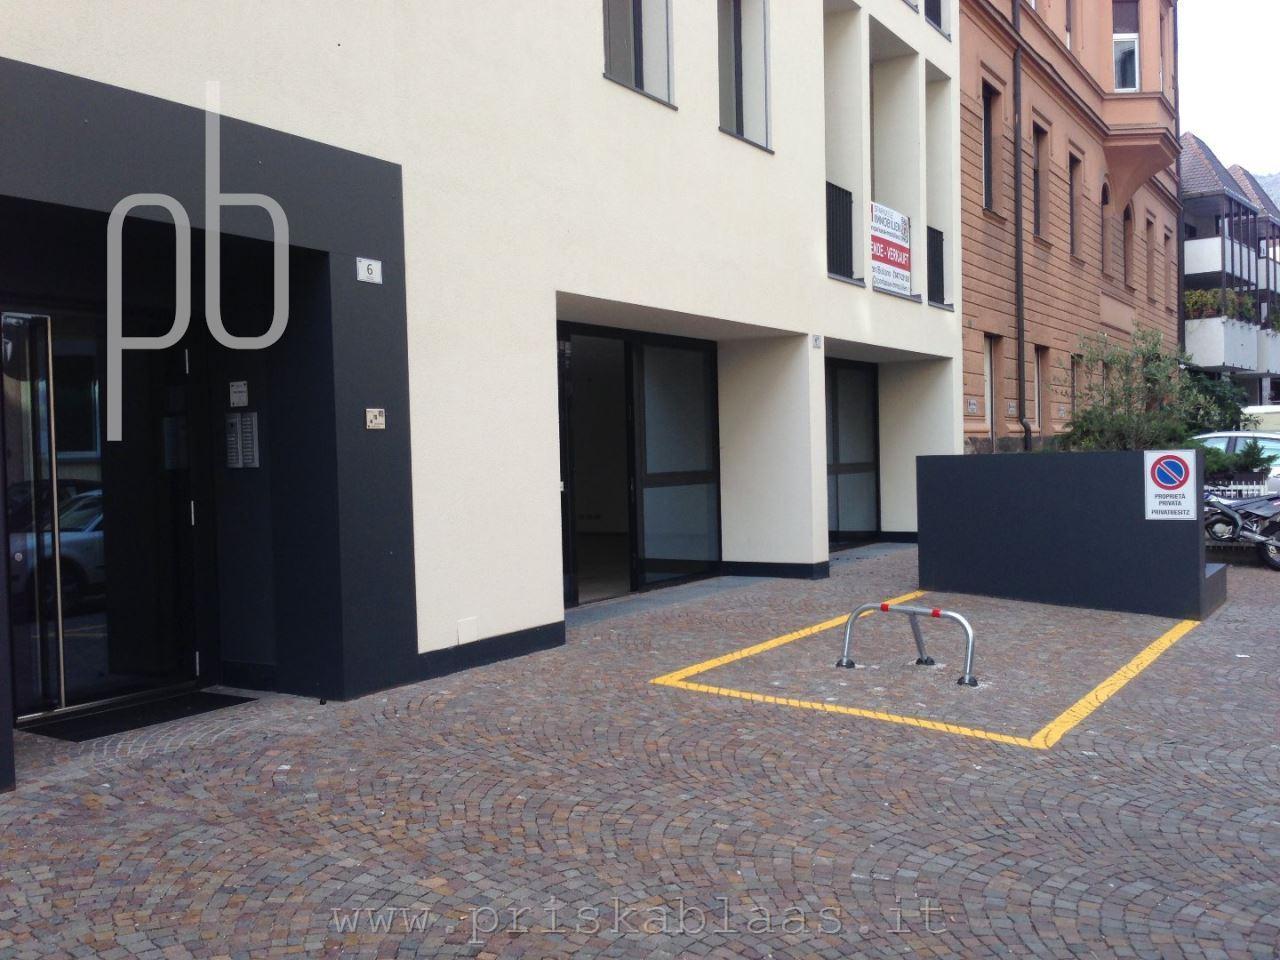 Ufficio in affitto locazione bolzano centro uffici rif 112 for Affitto ufficio